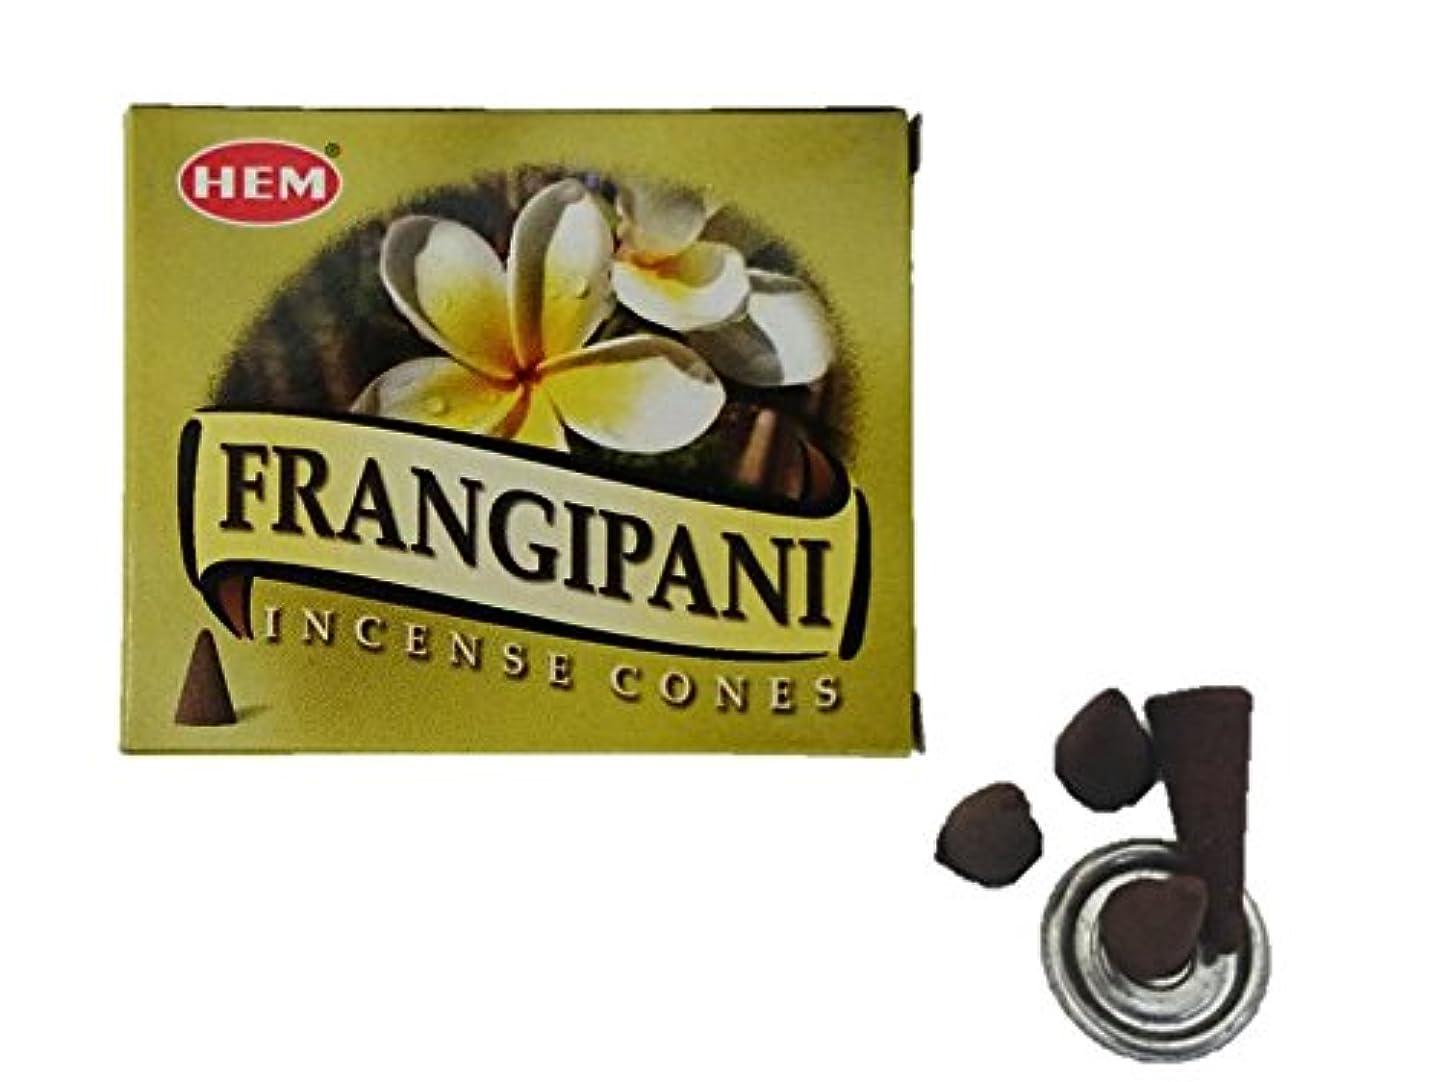 ストレンジャー歯科医ジョージスティーブンソンHEM(ヘム)お香 フランジパニ コーン 1箱